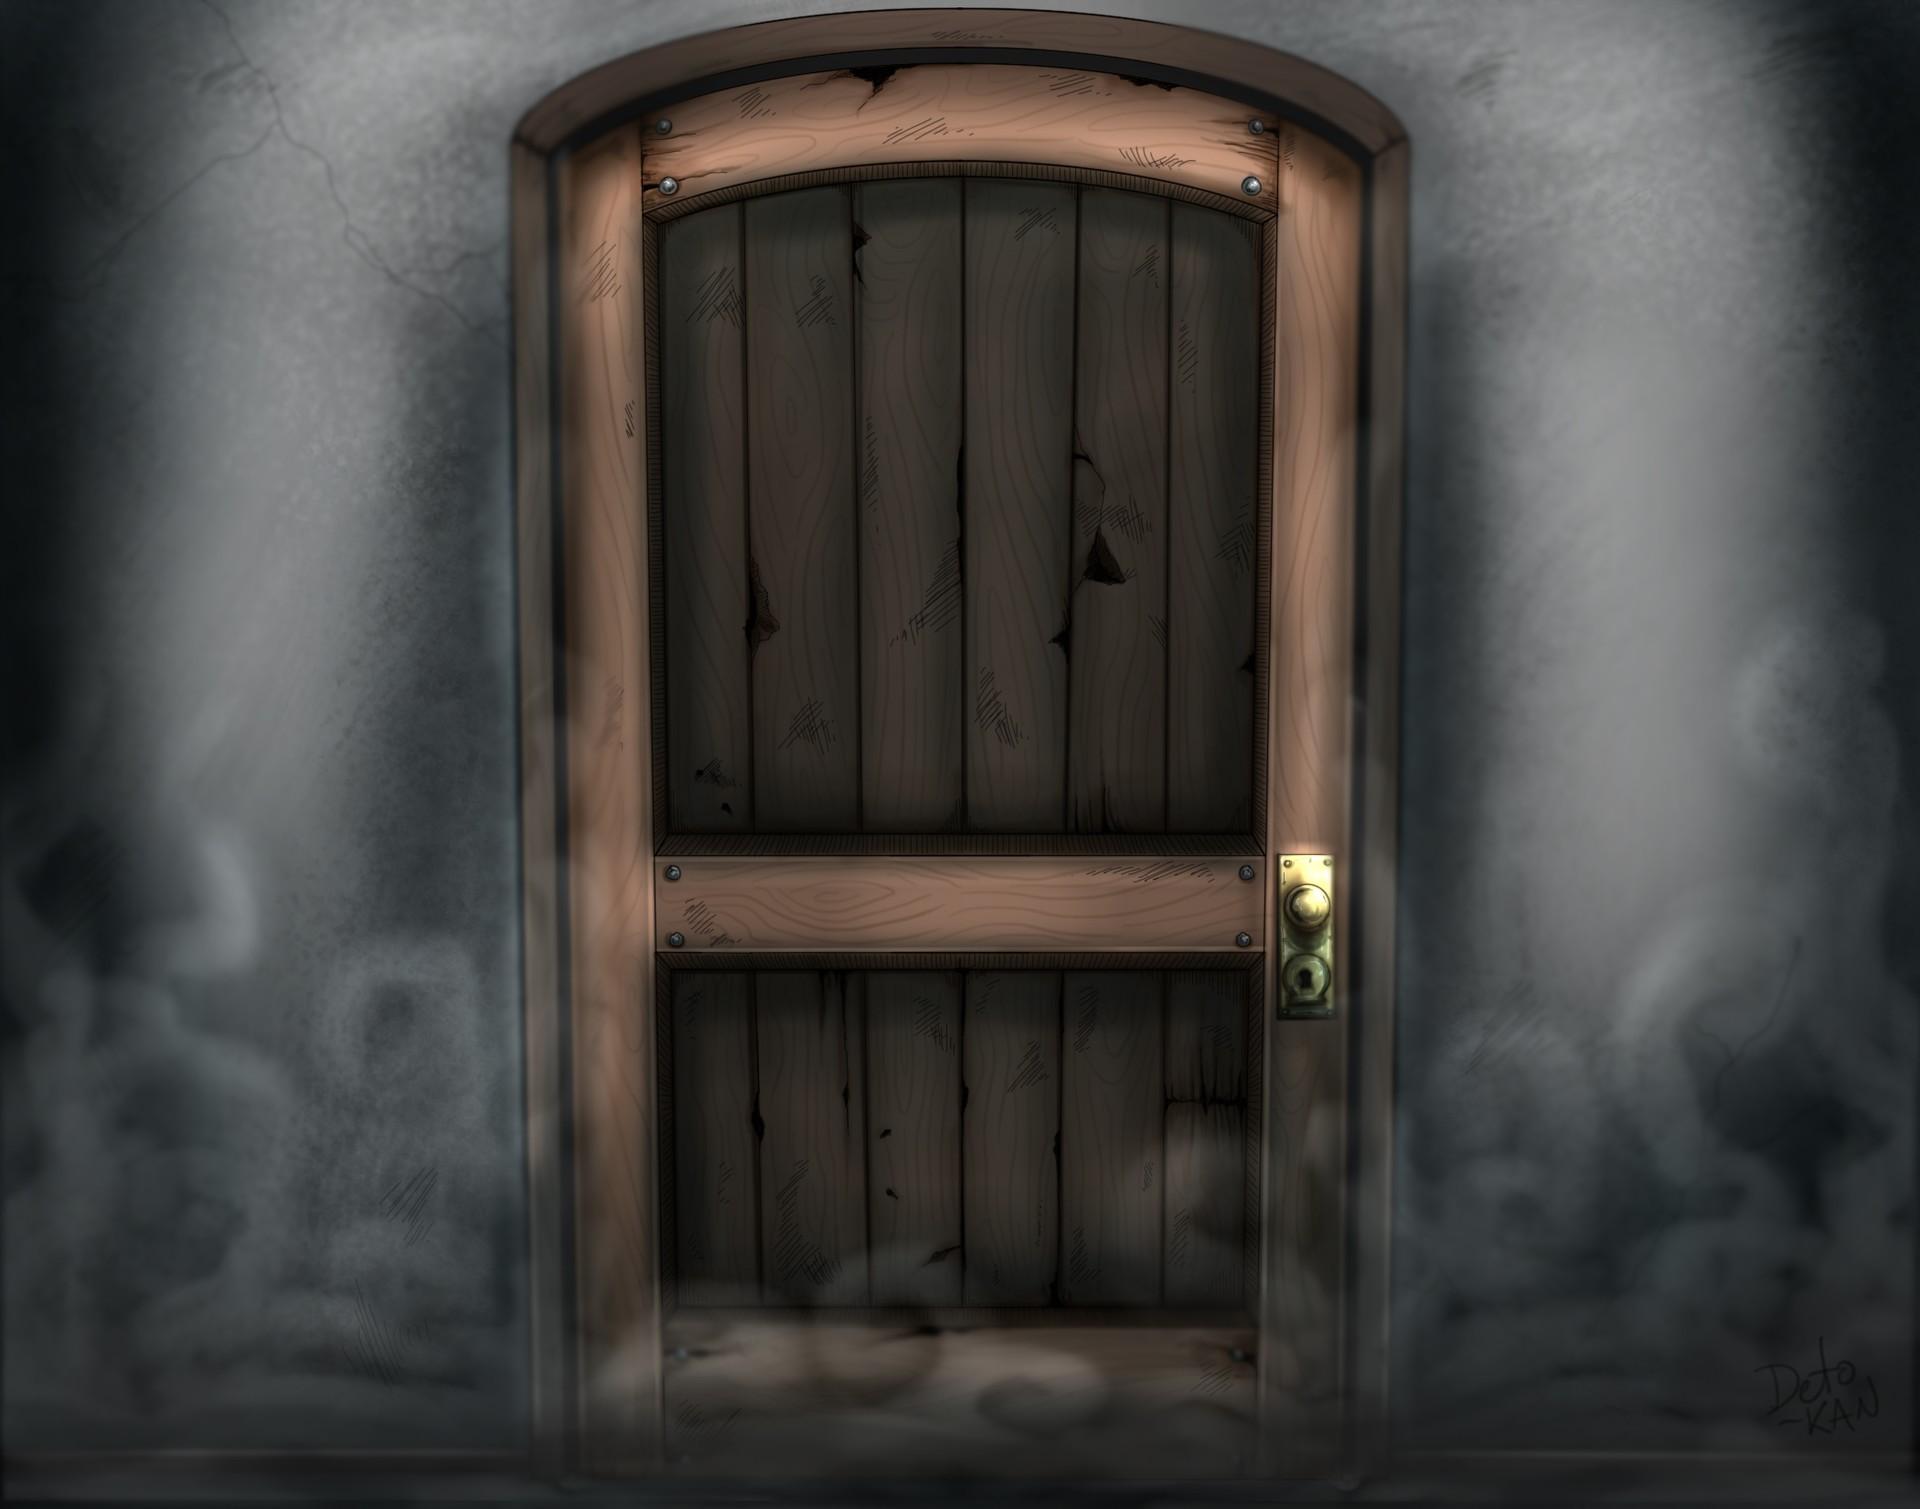 Detonya kan entry 6 cellar door